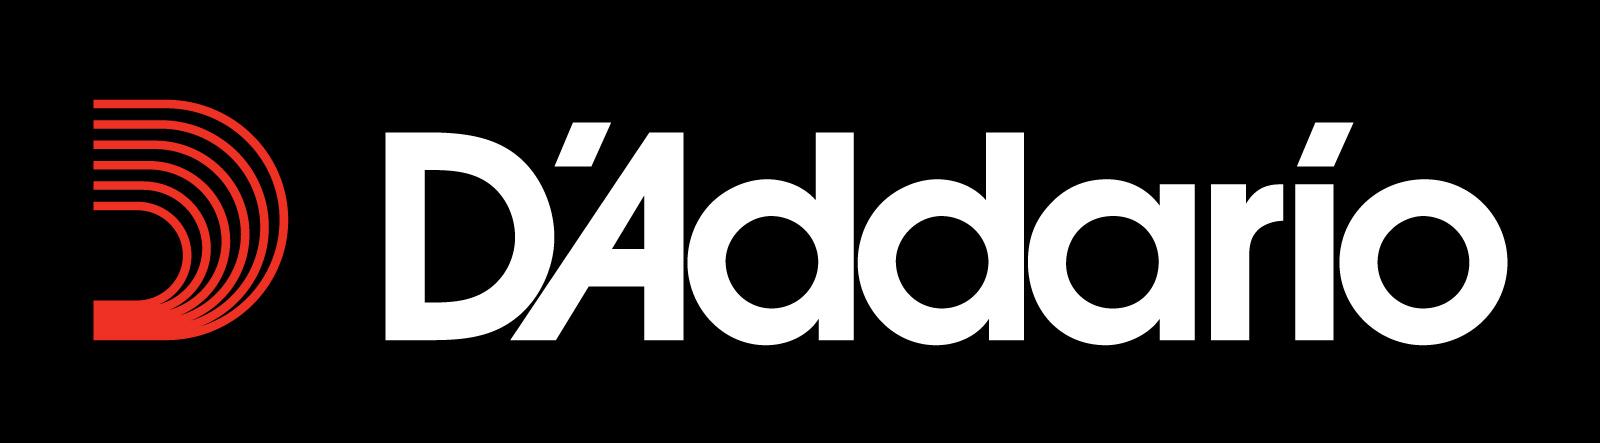 logo_daddario_4color_on_black